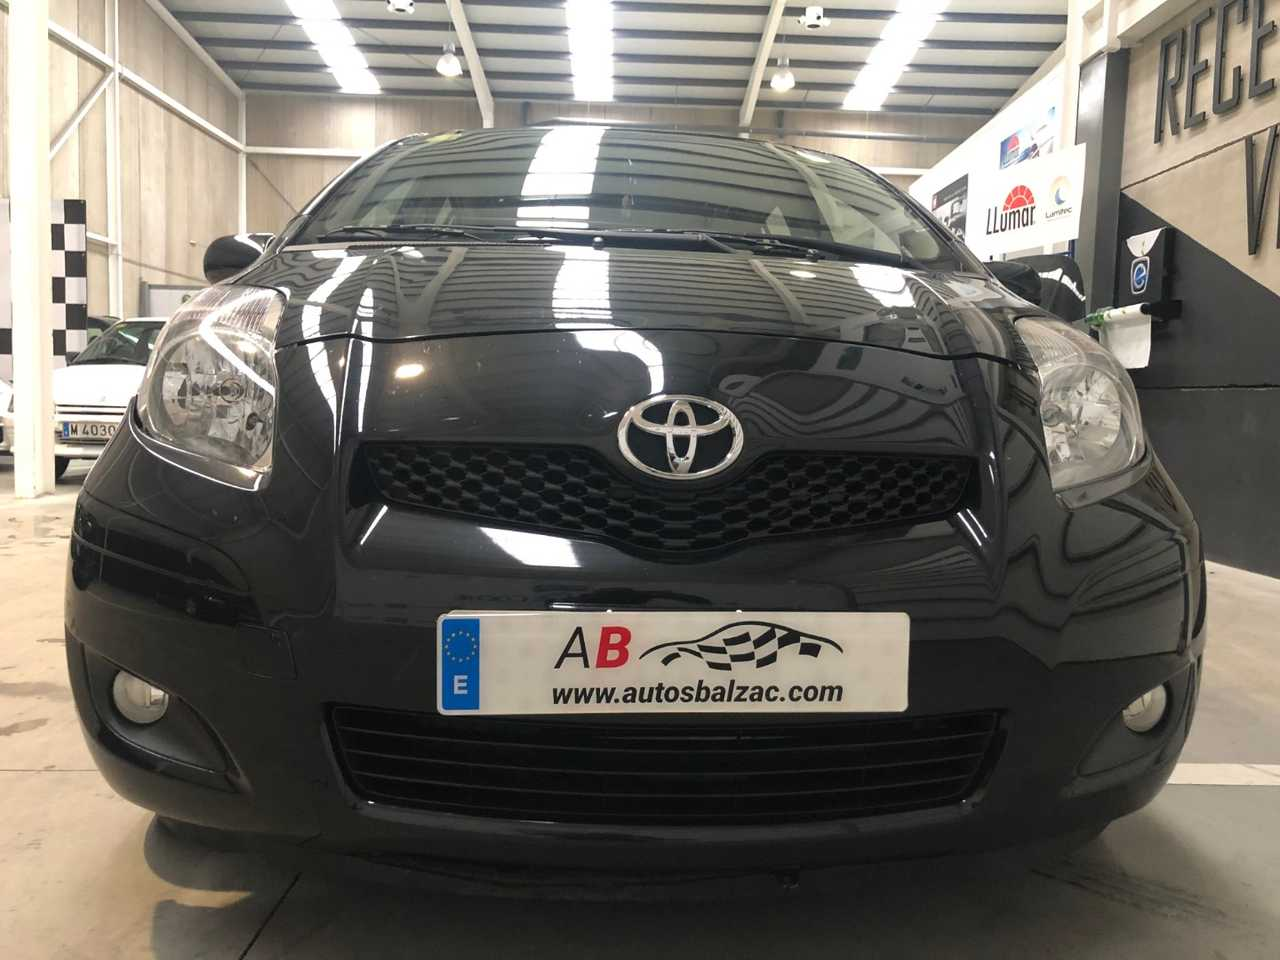 Toyota Yaris 1.33 VVTI TS 100cvs   - Foto 1